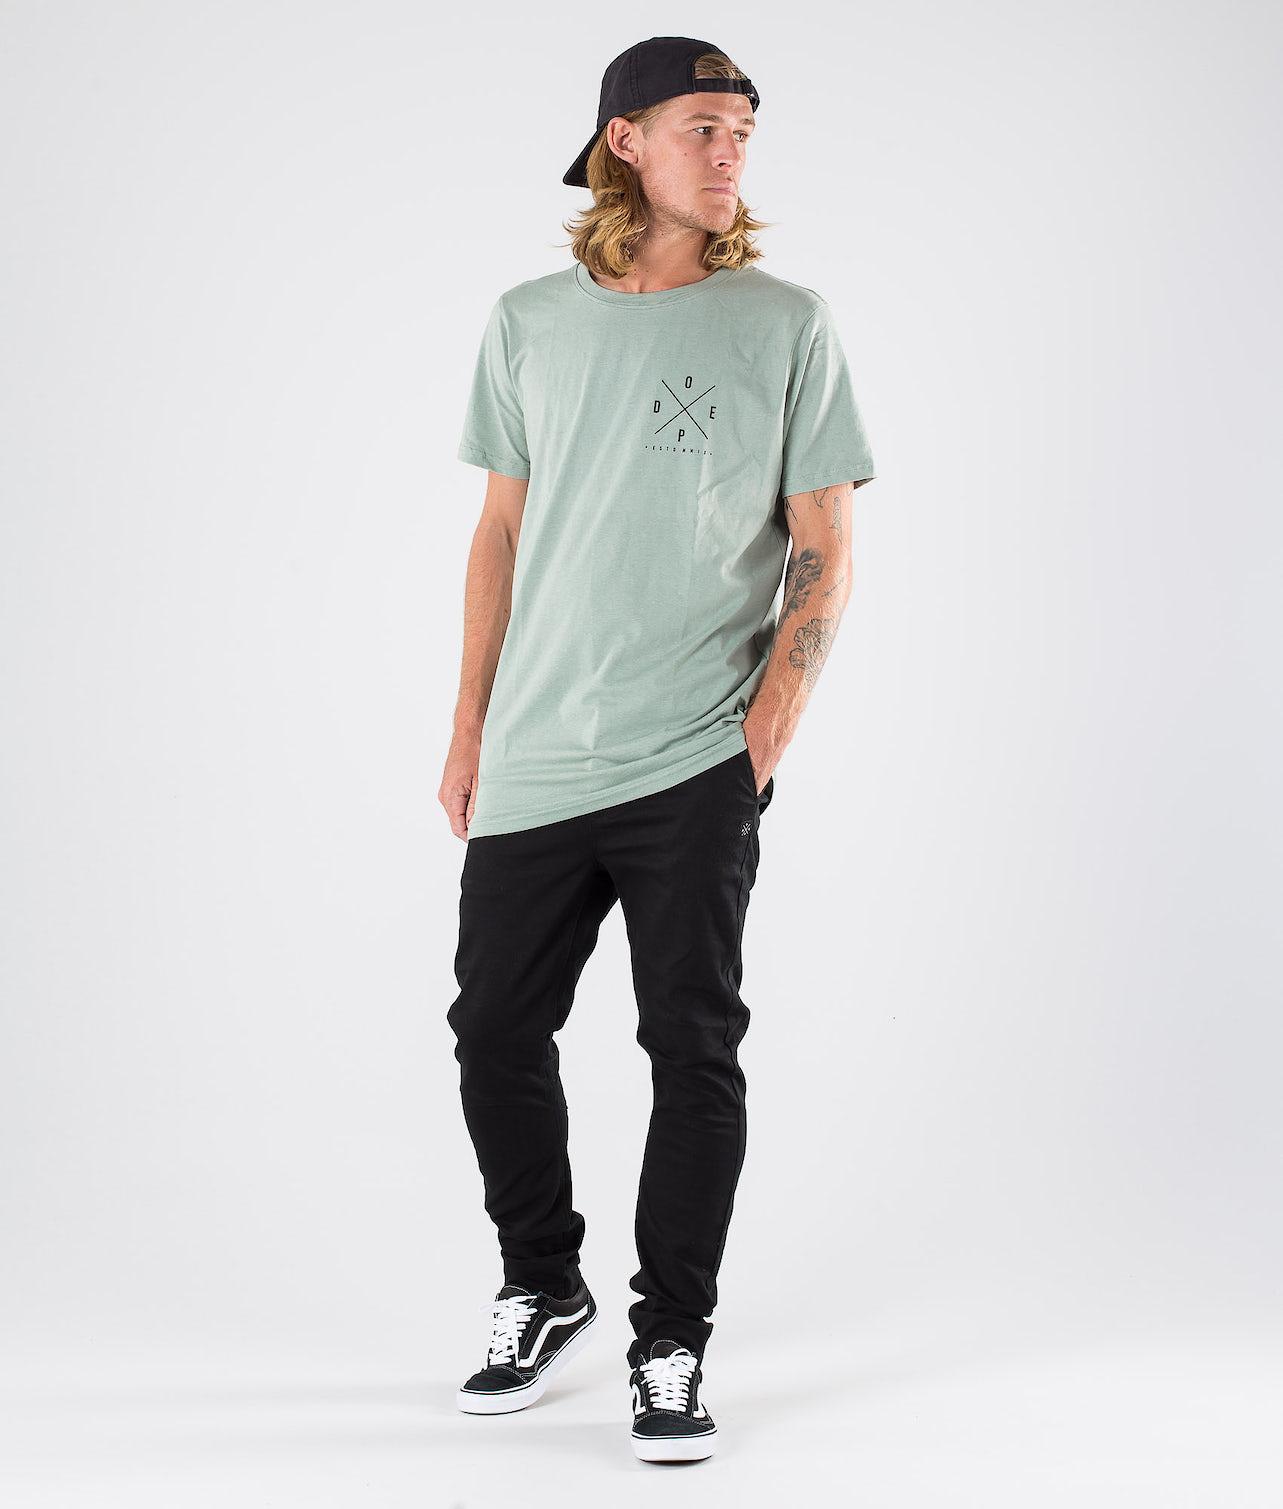 Kjøp 2X-up T-shirt fra Dope på Ridestore.no - Hos oss har du alltid fri frakt, fri retur og 30 dagers åpent kjøp!